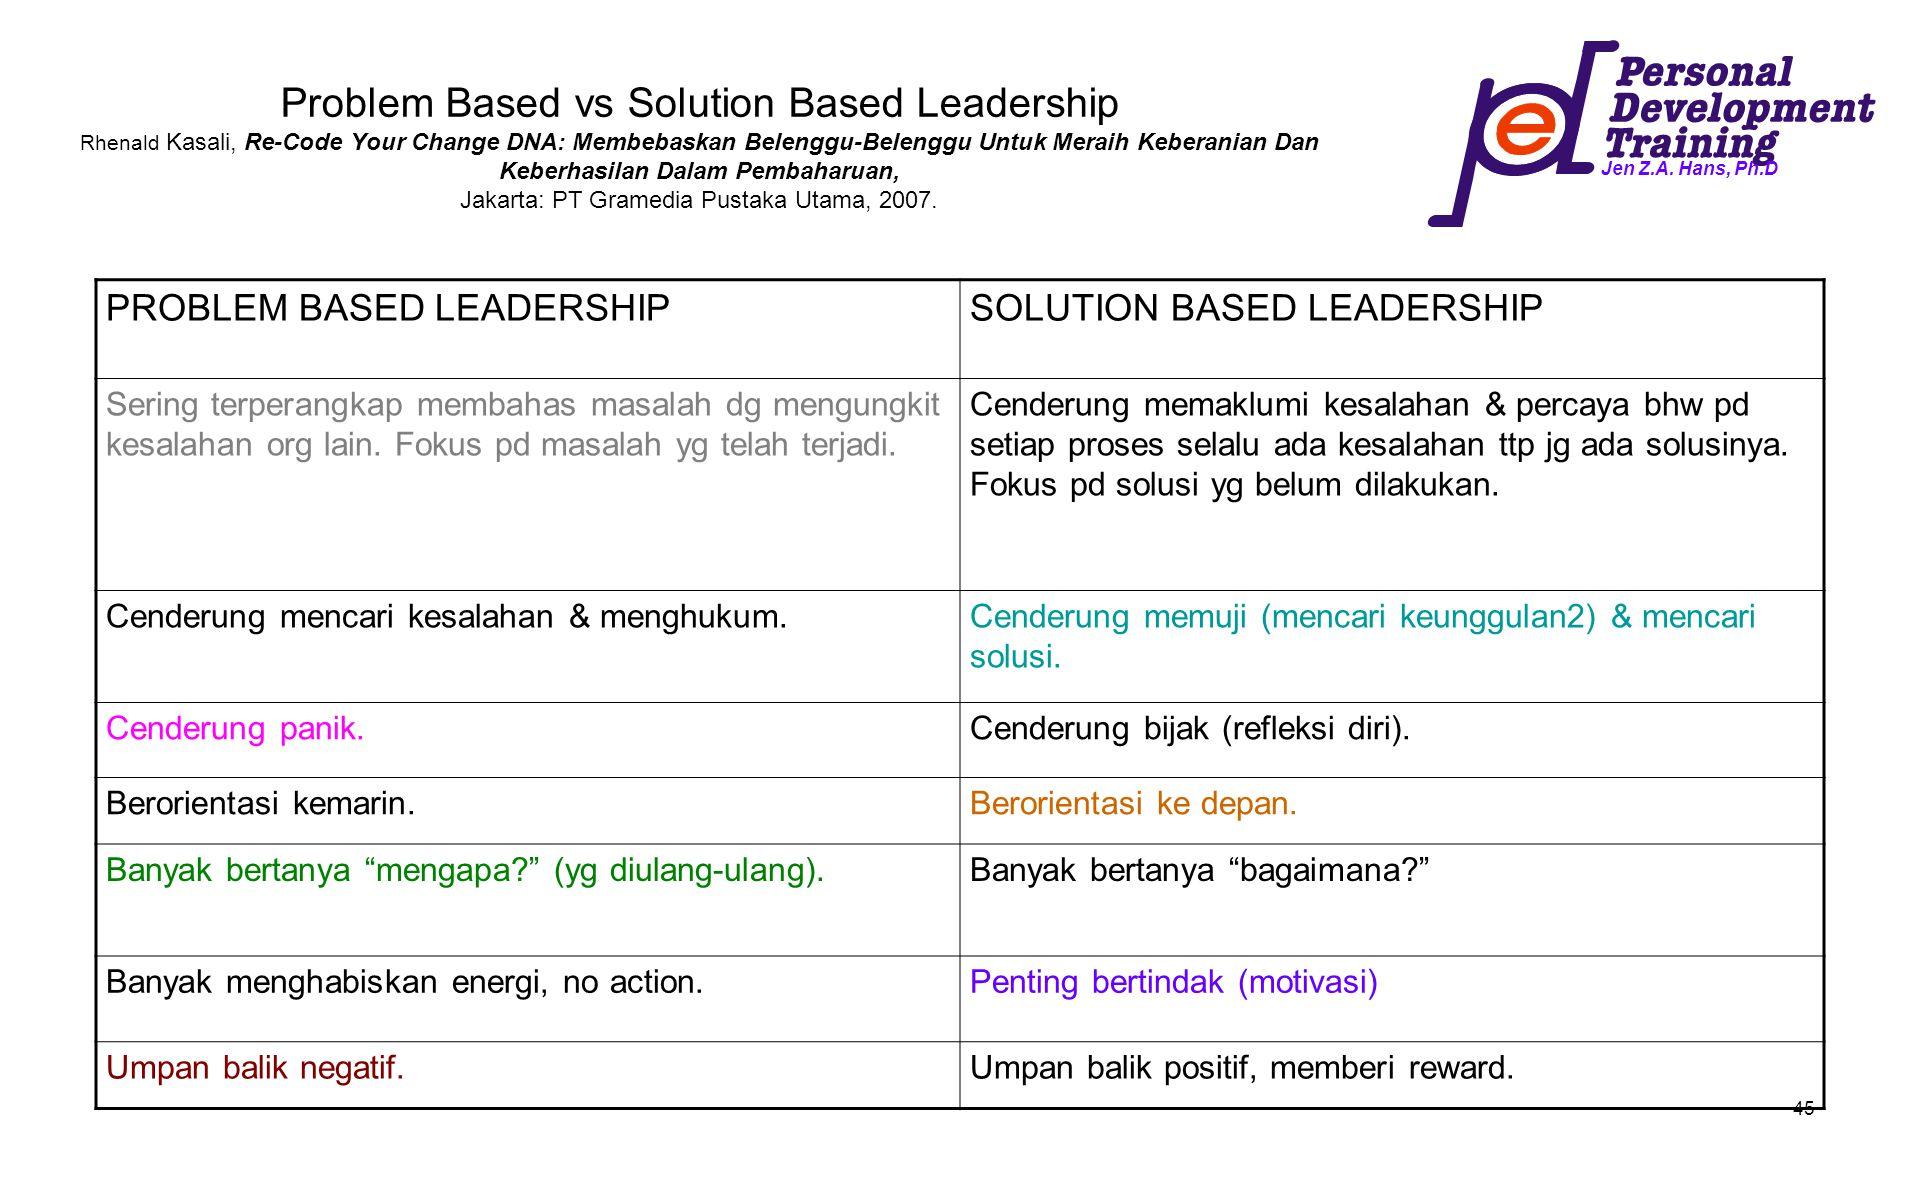 Jen Z.A. Hans, Ph.D 45 Problem Based vs Solution Based Leadership Rhenald Kasali, Re-Code Your Change DNA: Membebaskan Belenggu-Belenggu Untuk Meraih